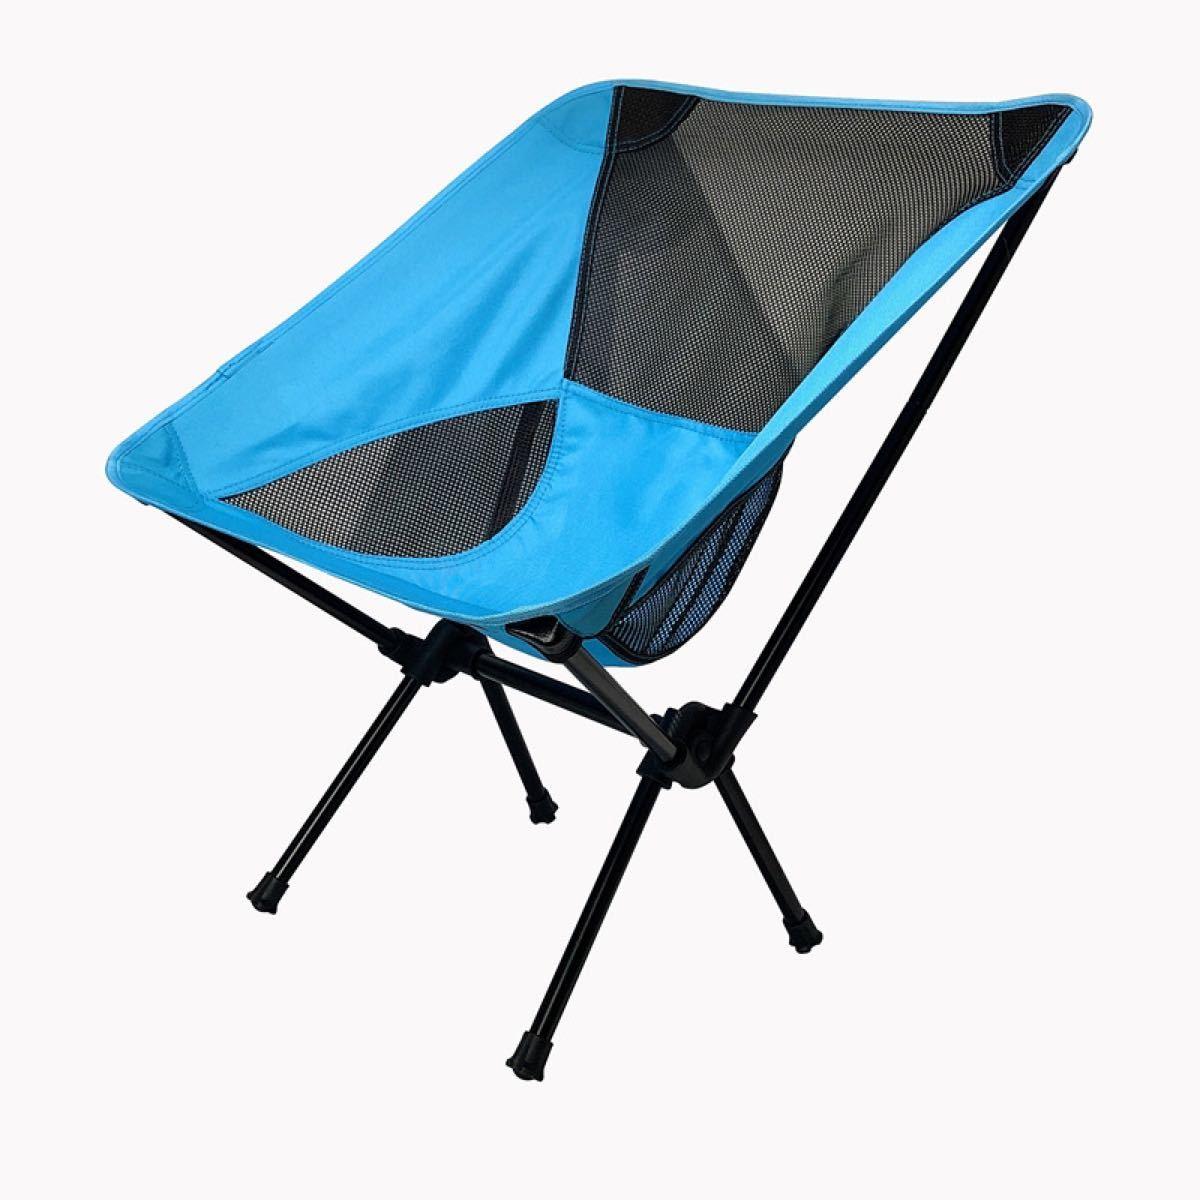 アウトドアチェア コンパクトチェア キャンプ椅子 青